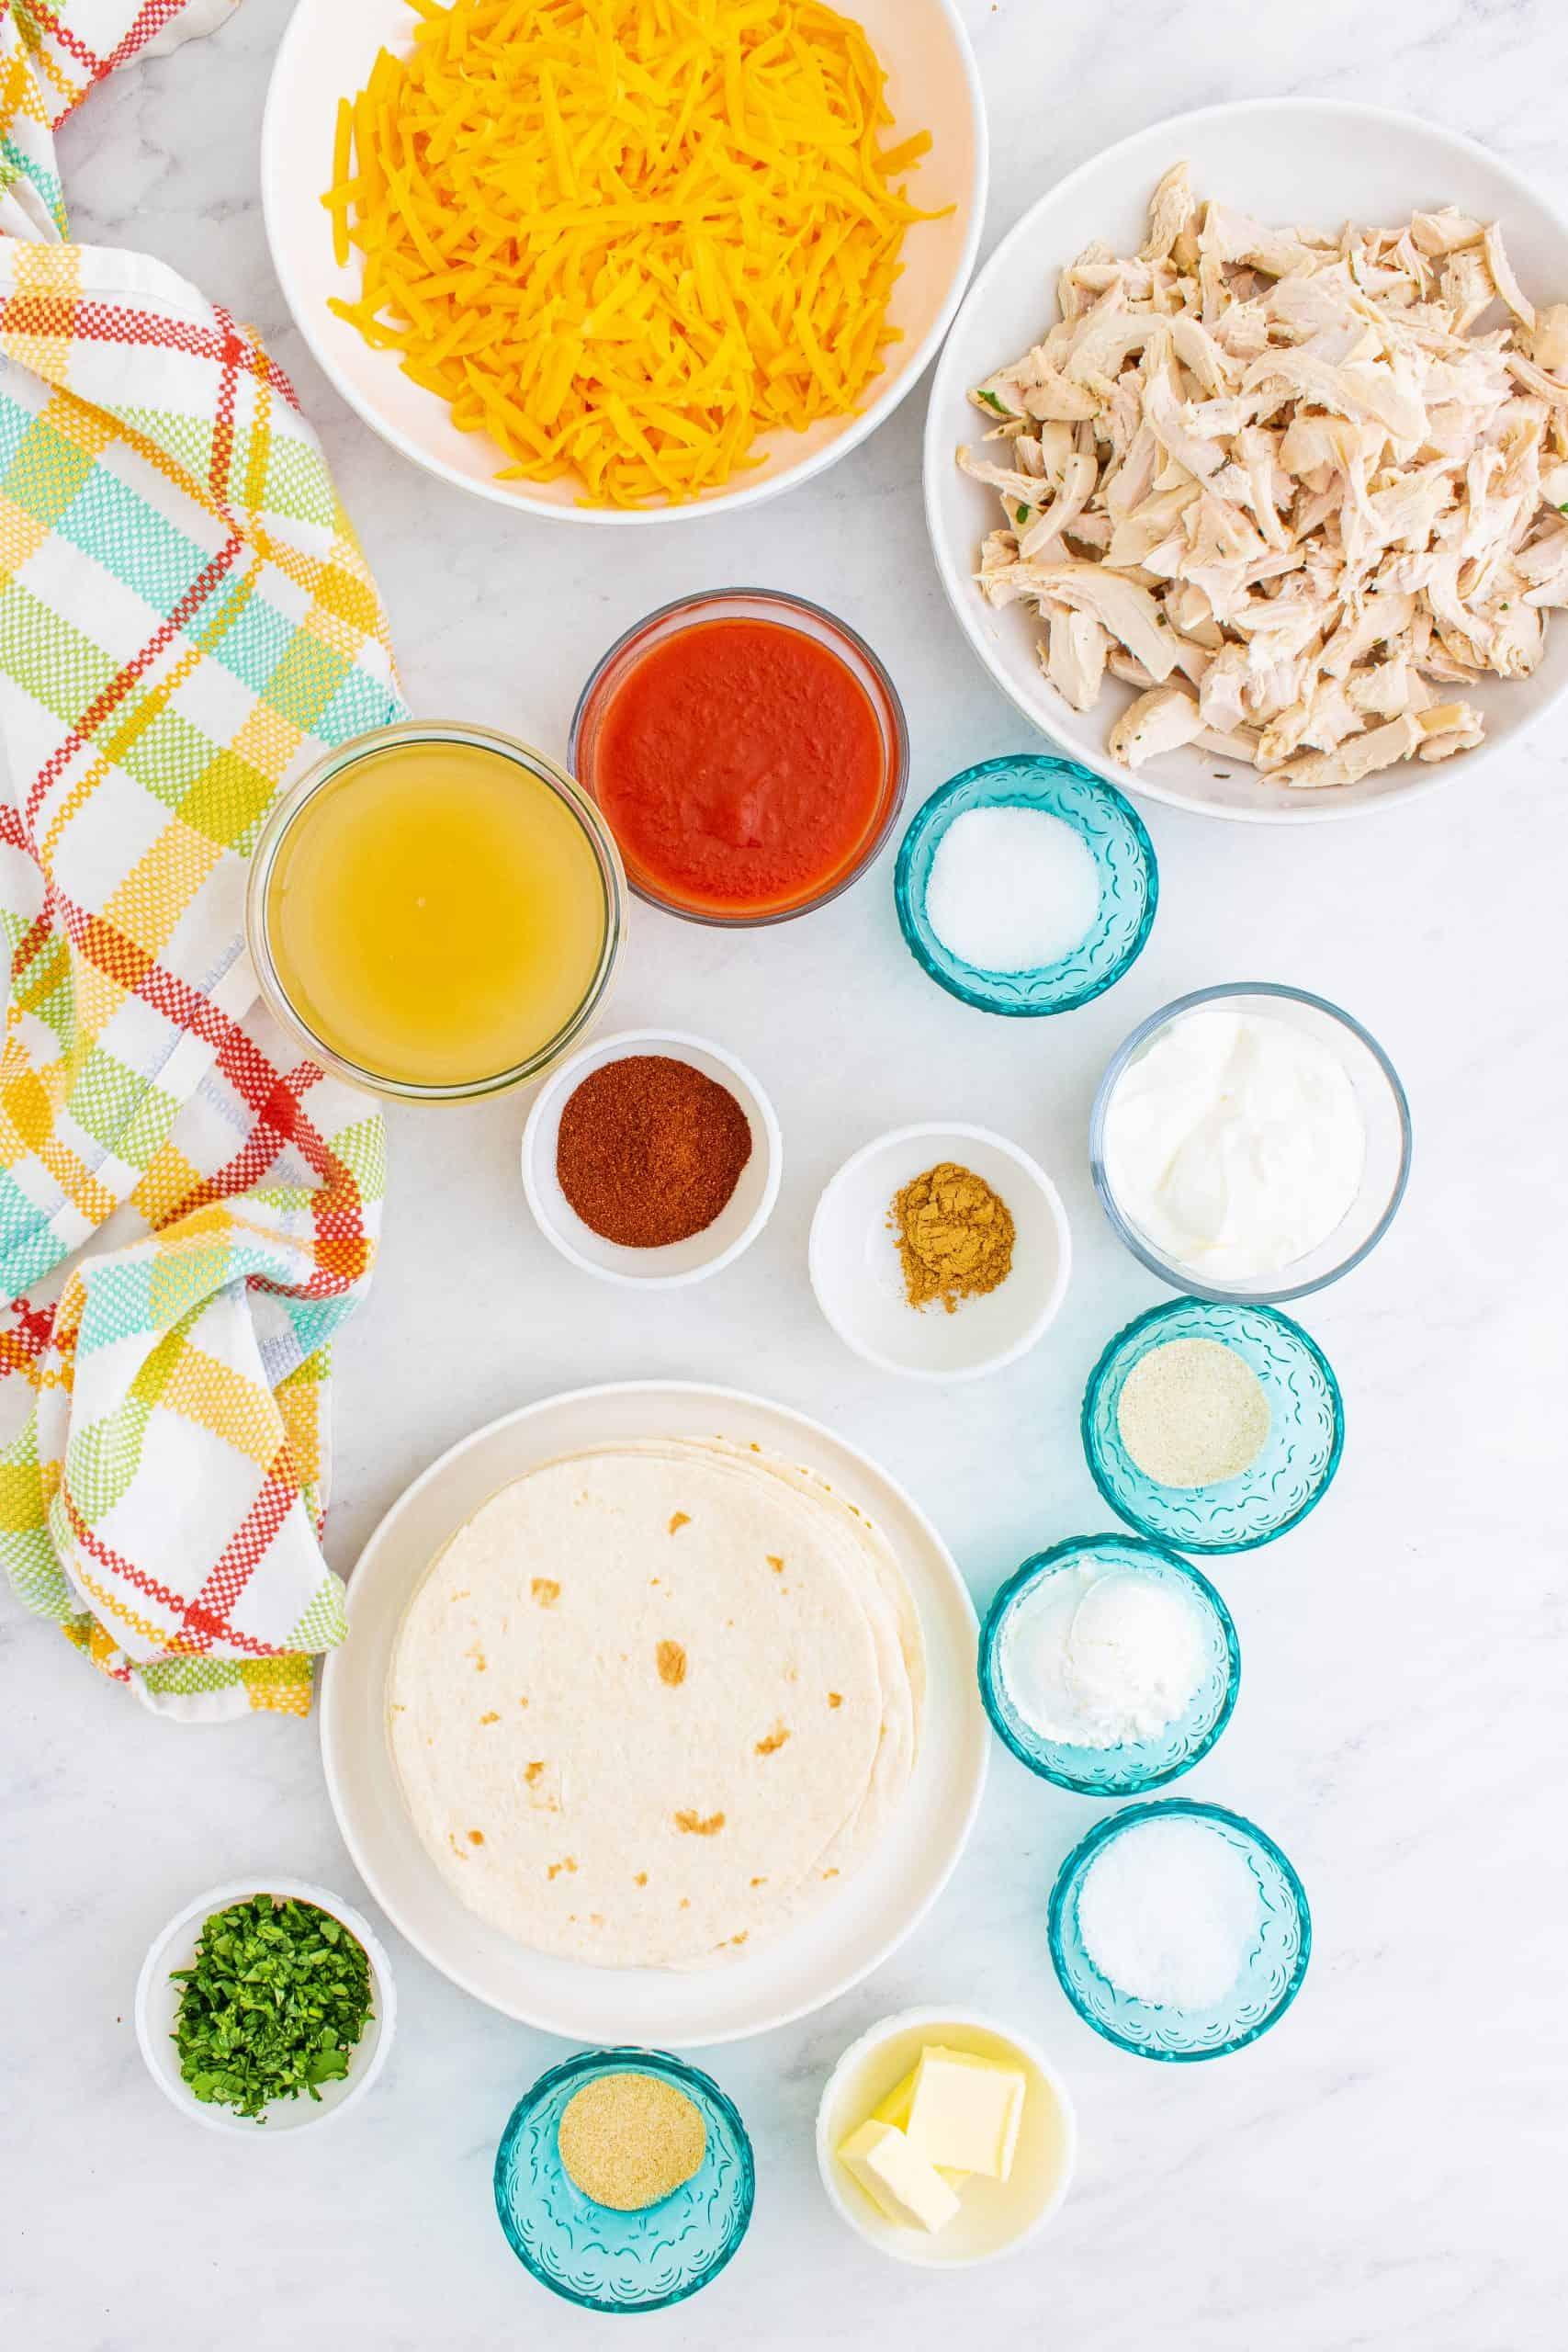 butter, chili powder, garlic powder, onion powder, ground cumin, cornstarch, chicken stock, tomato sauce, granulated sugar, kosher salt, shredded cooked chicken, shredded cheddar cheese, sour cream, fresh cilantro, flour tortillas.